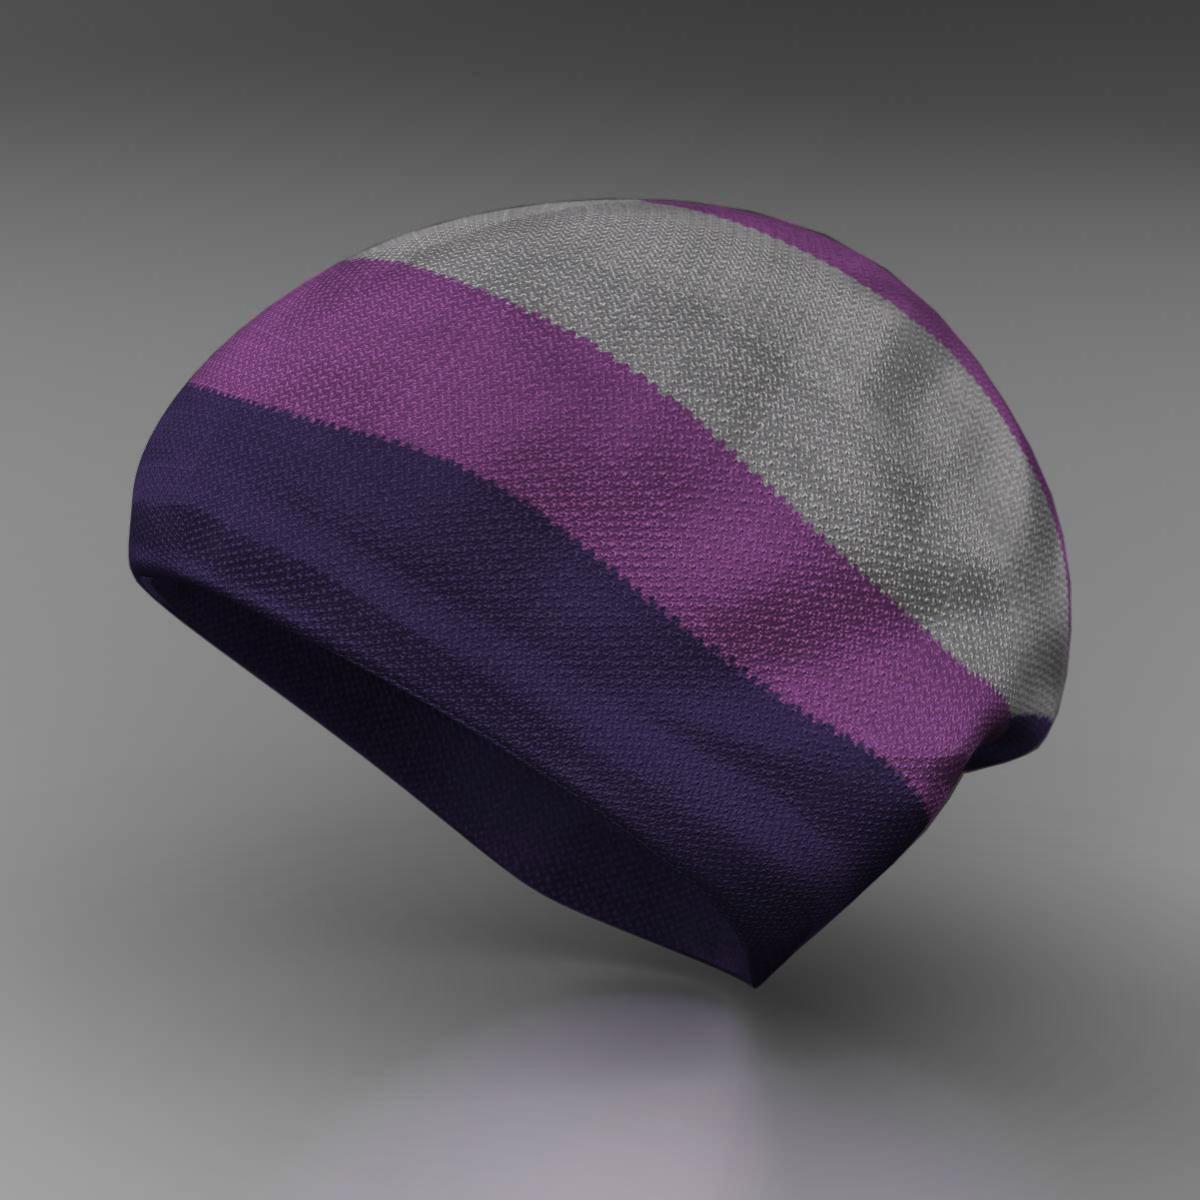 Wool cap 3d model 3ds max fbx c4d ma mb obj 160731